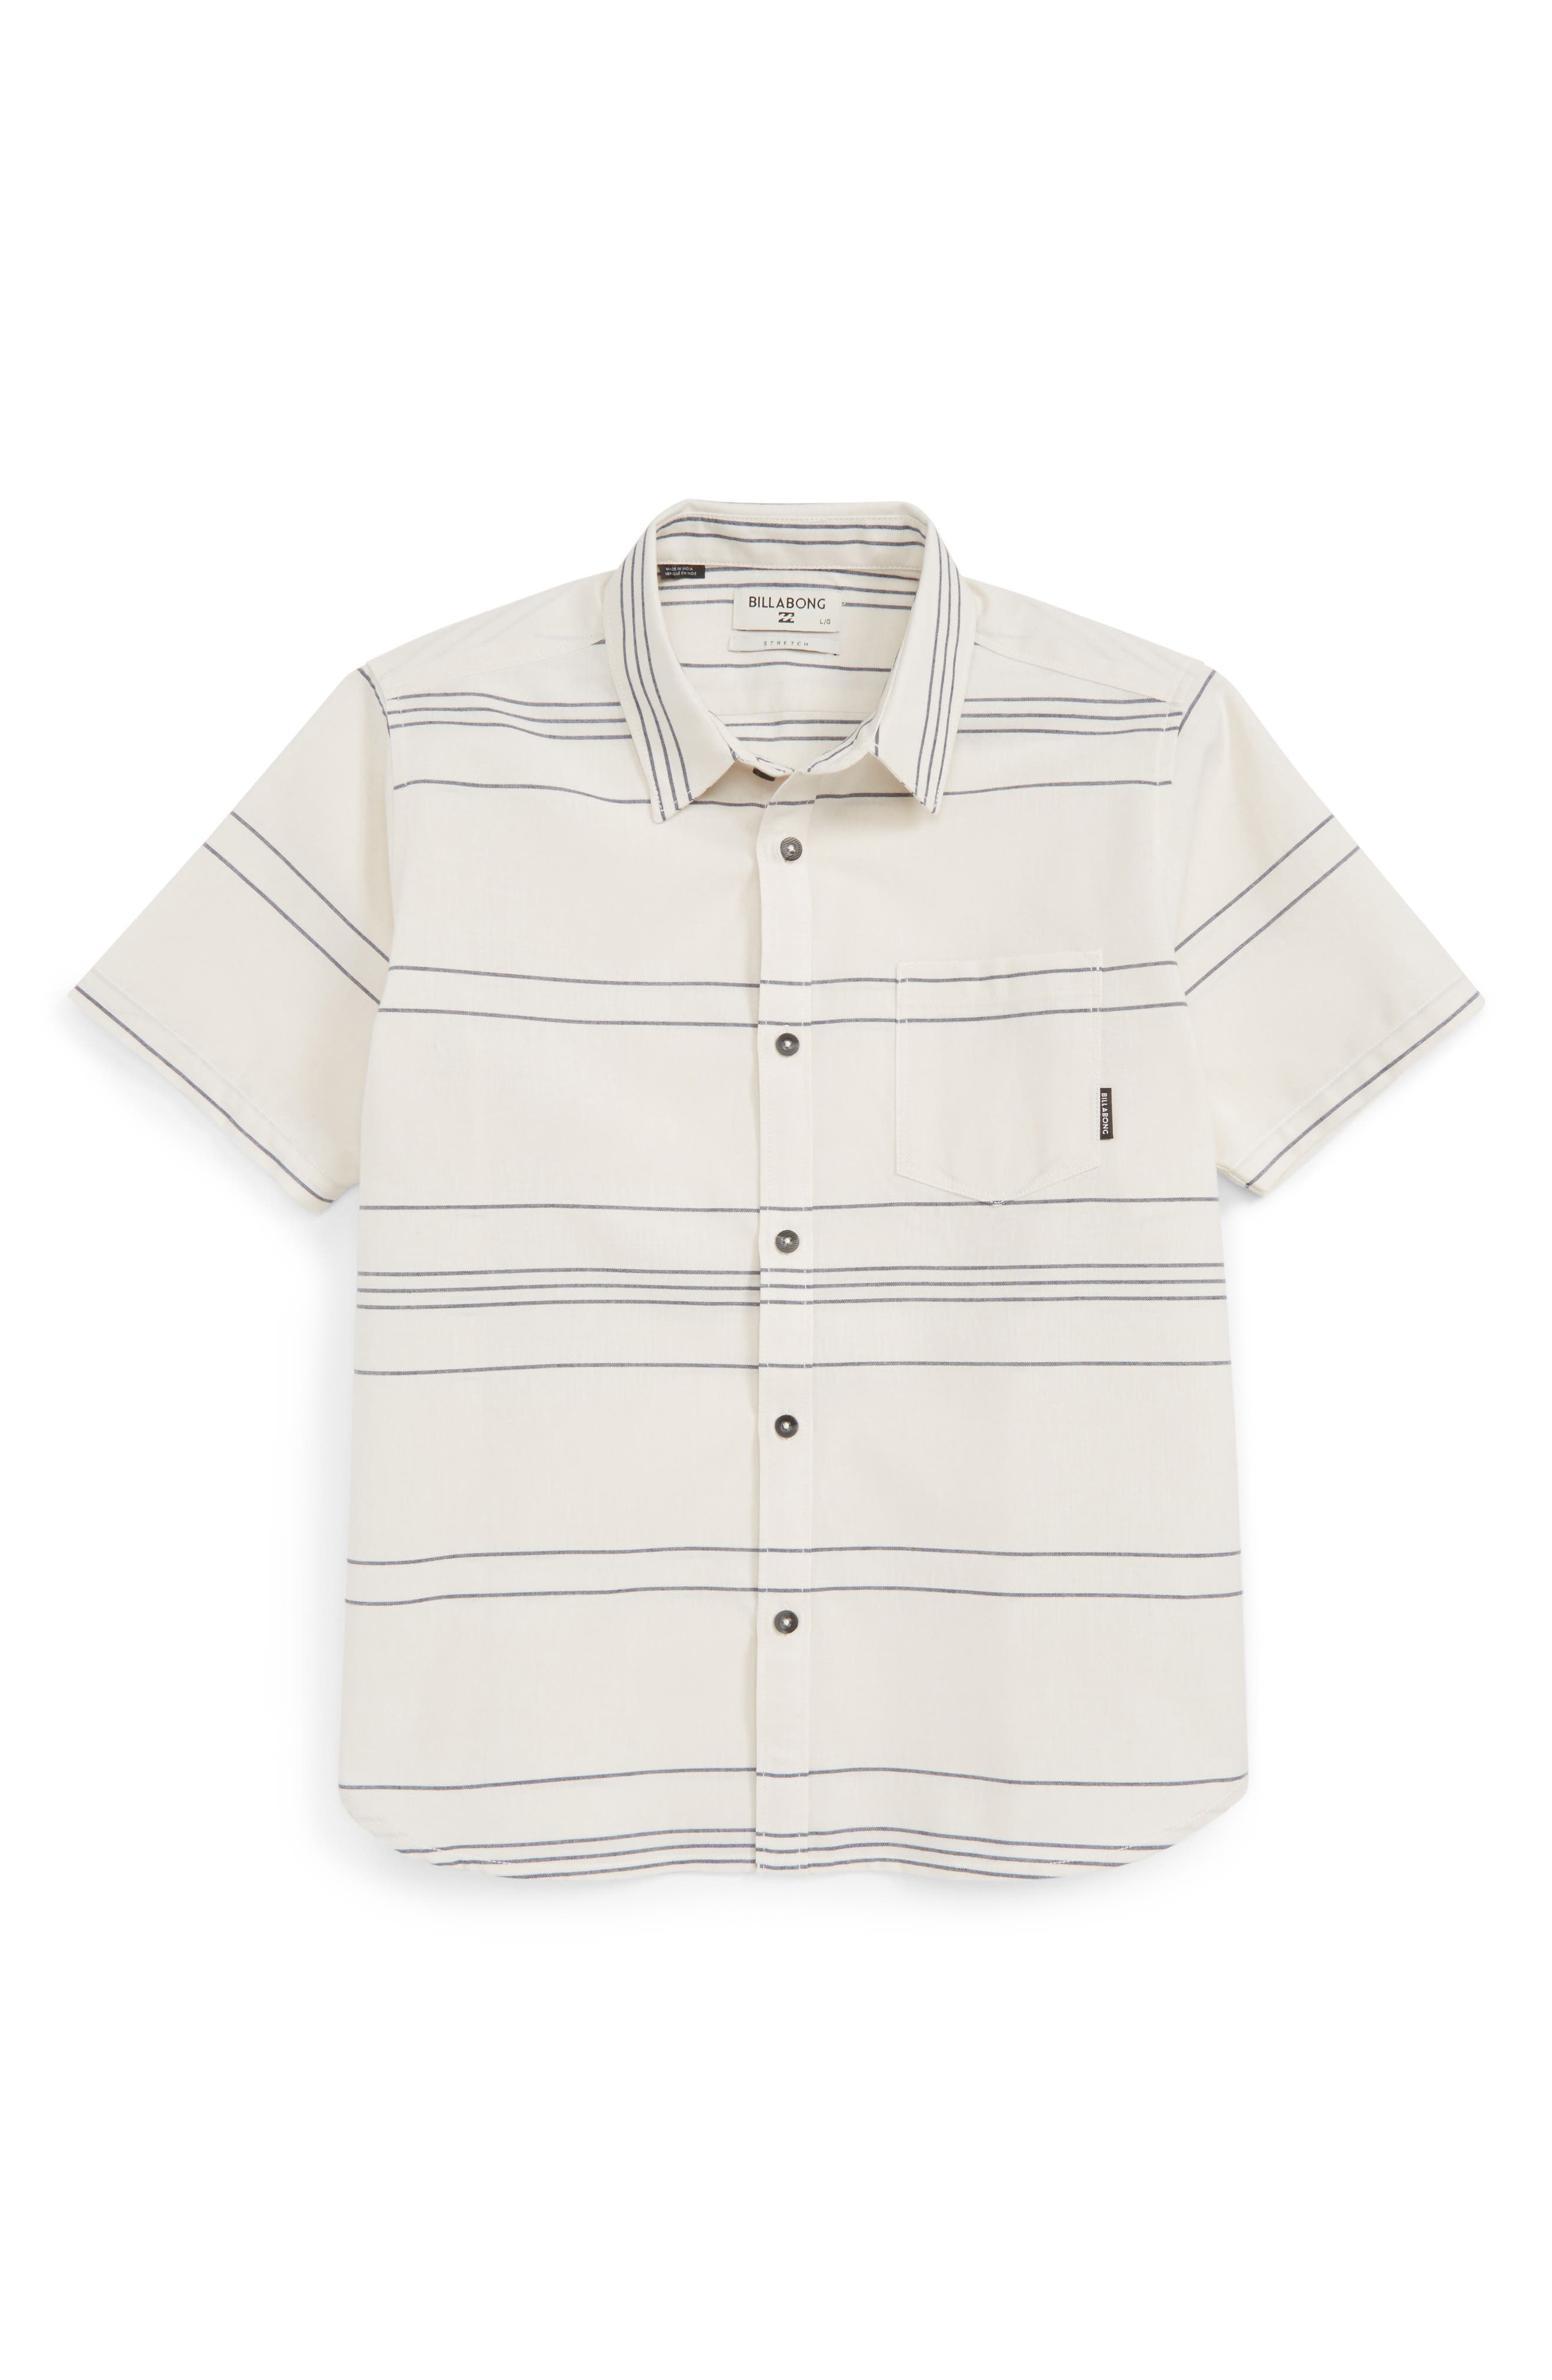 Billabong Flat Lines Woven Shirt (Big Boys)